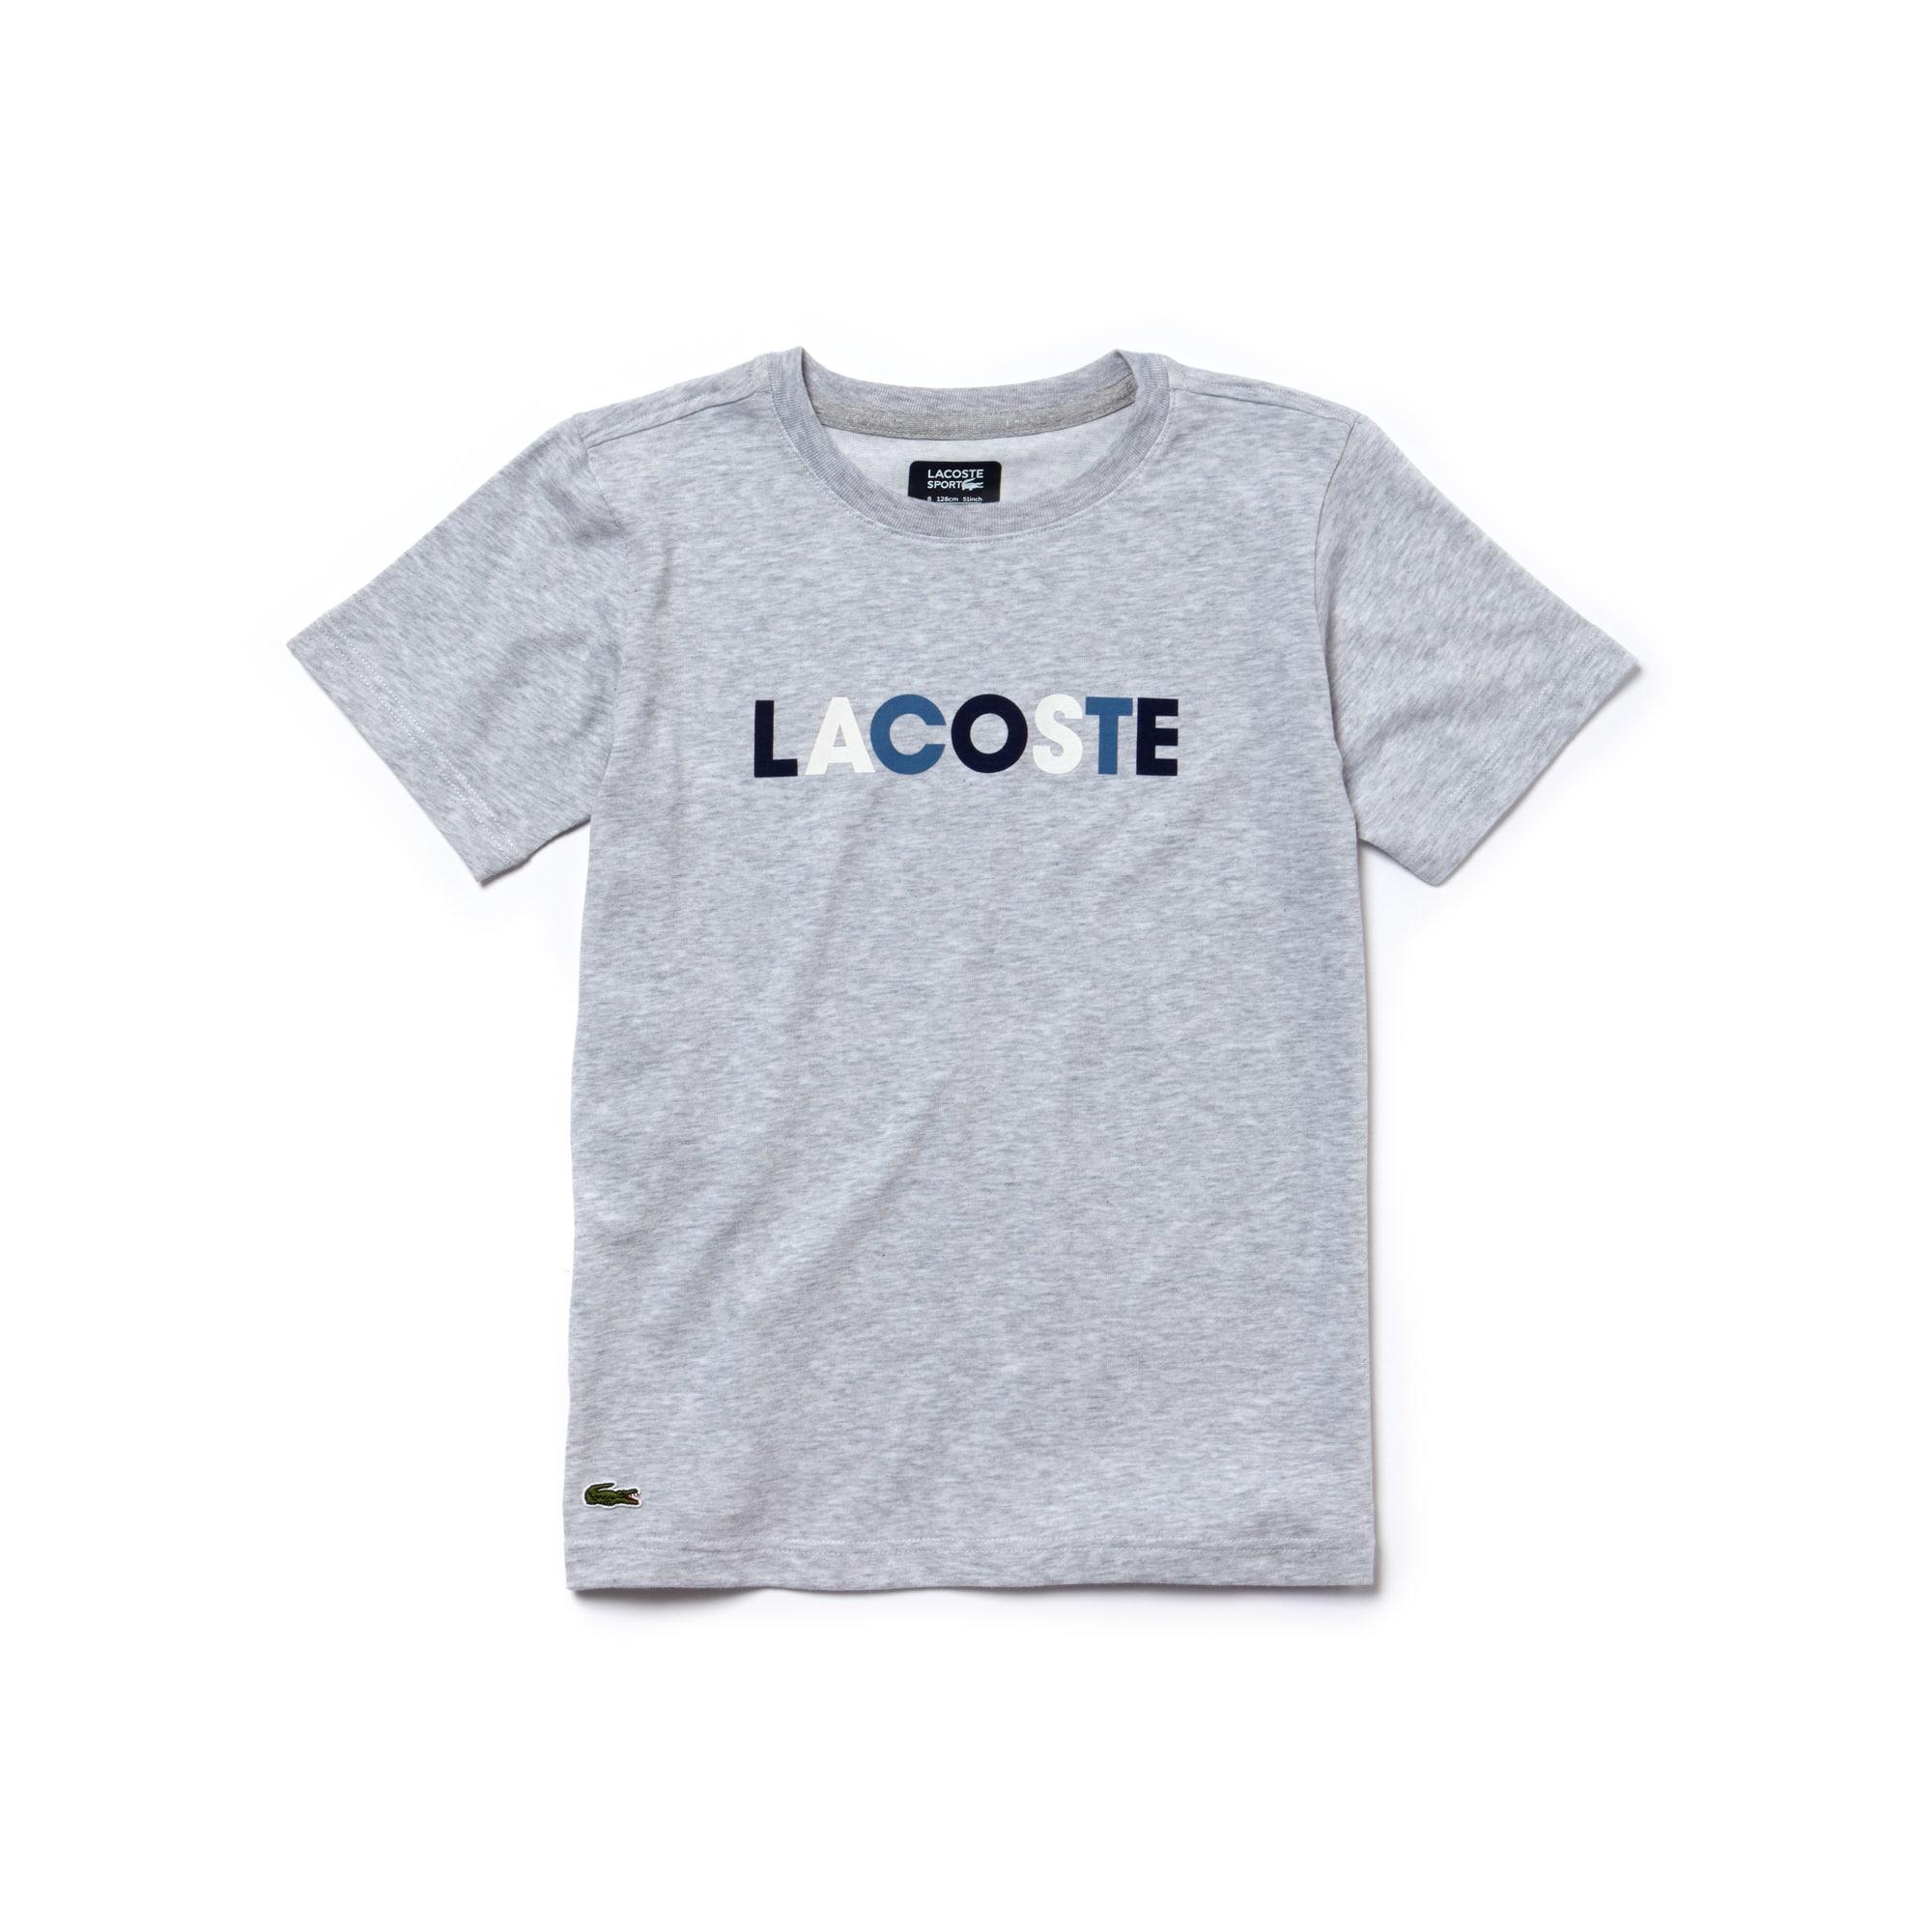 T-shirt Bambino Tennis Lacoste SPORT in jersey tecnico con marchio